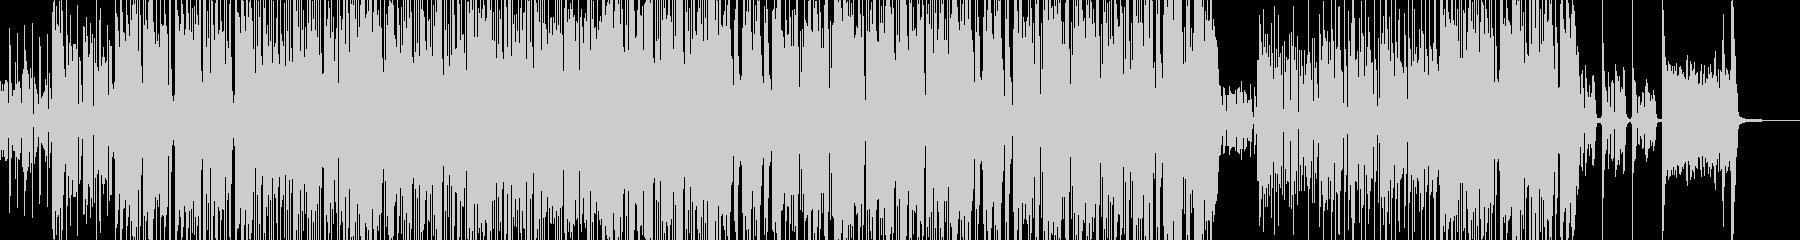 賑やかでハイテンションなスカポップ Aの未再生の波形